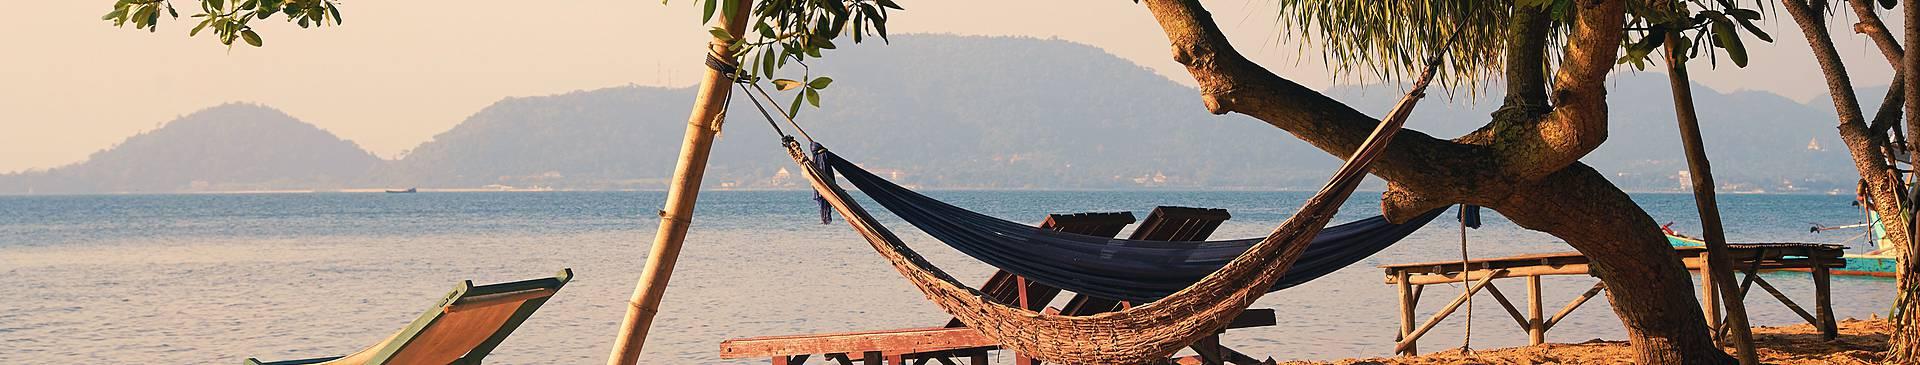 Cambodia Honeymoon Vacations